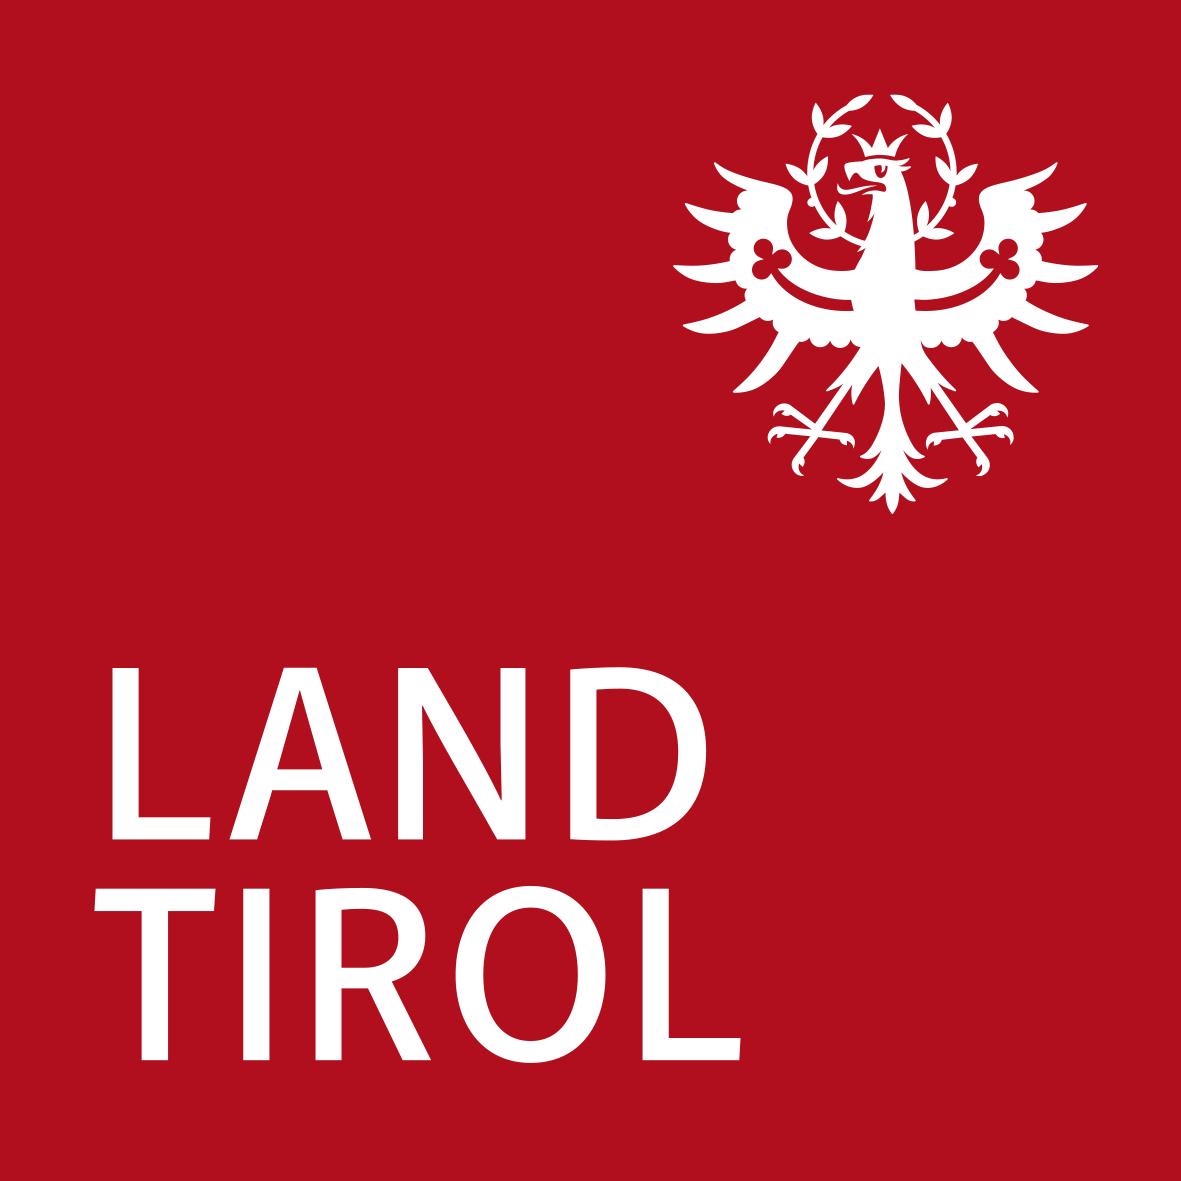 Dieses Projekt wird vom Land Tirol im Rahmen der Wirtschaftsförderung unterstützt